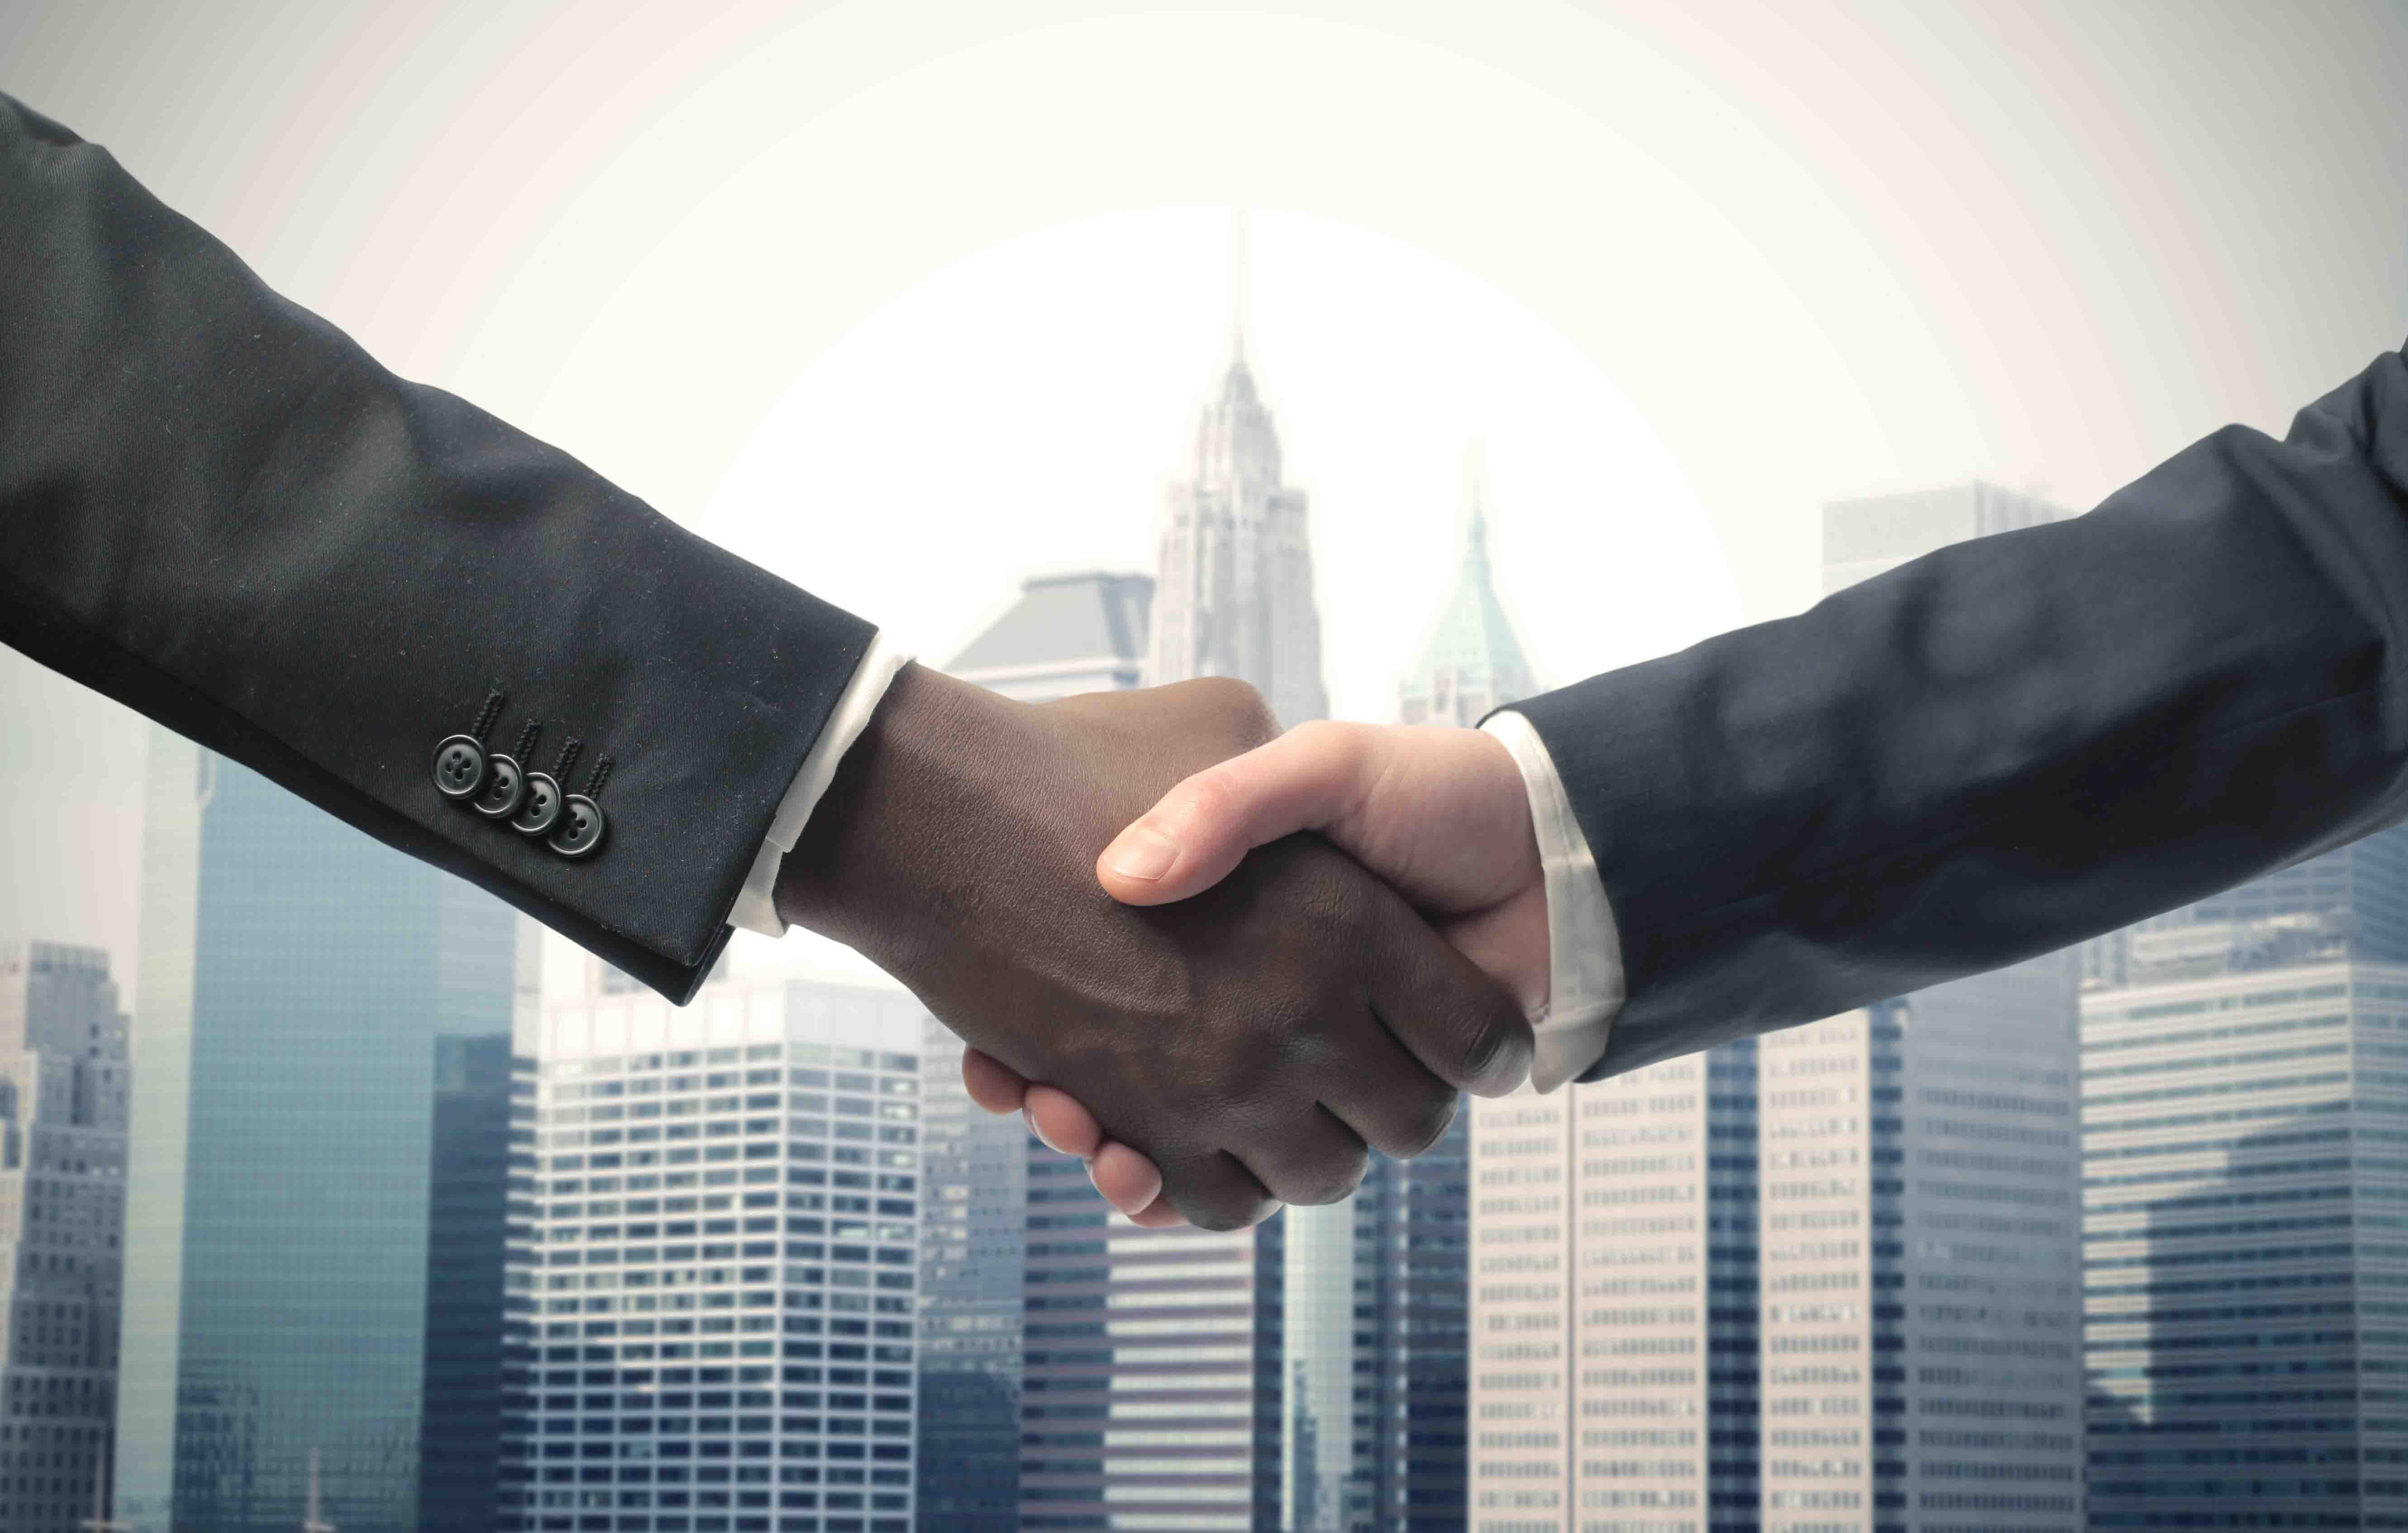 Tansakcyjno-handlowe podejście do relacji z innymi